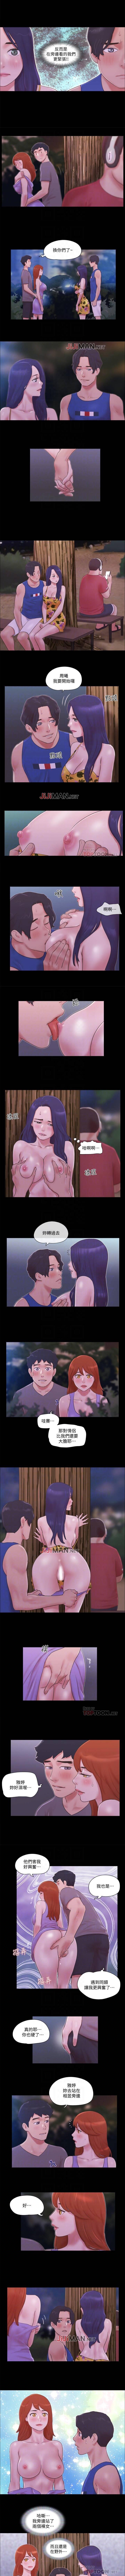 【周五连载】协议换爱(作者:遠德) 第1~57话 230